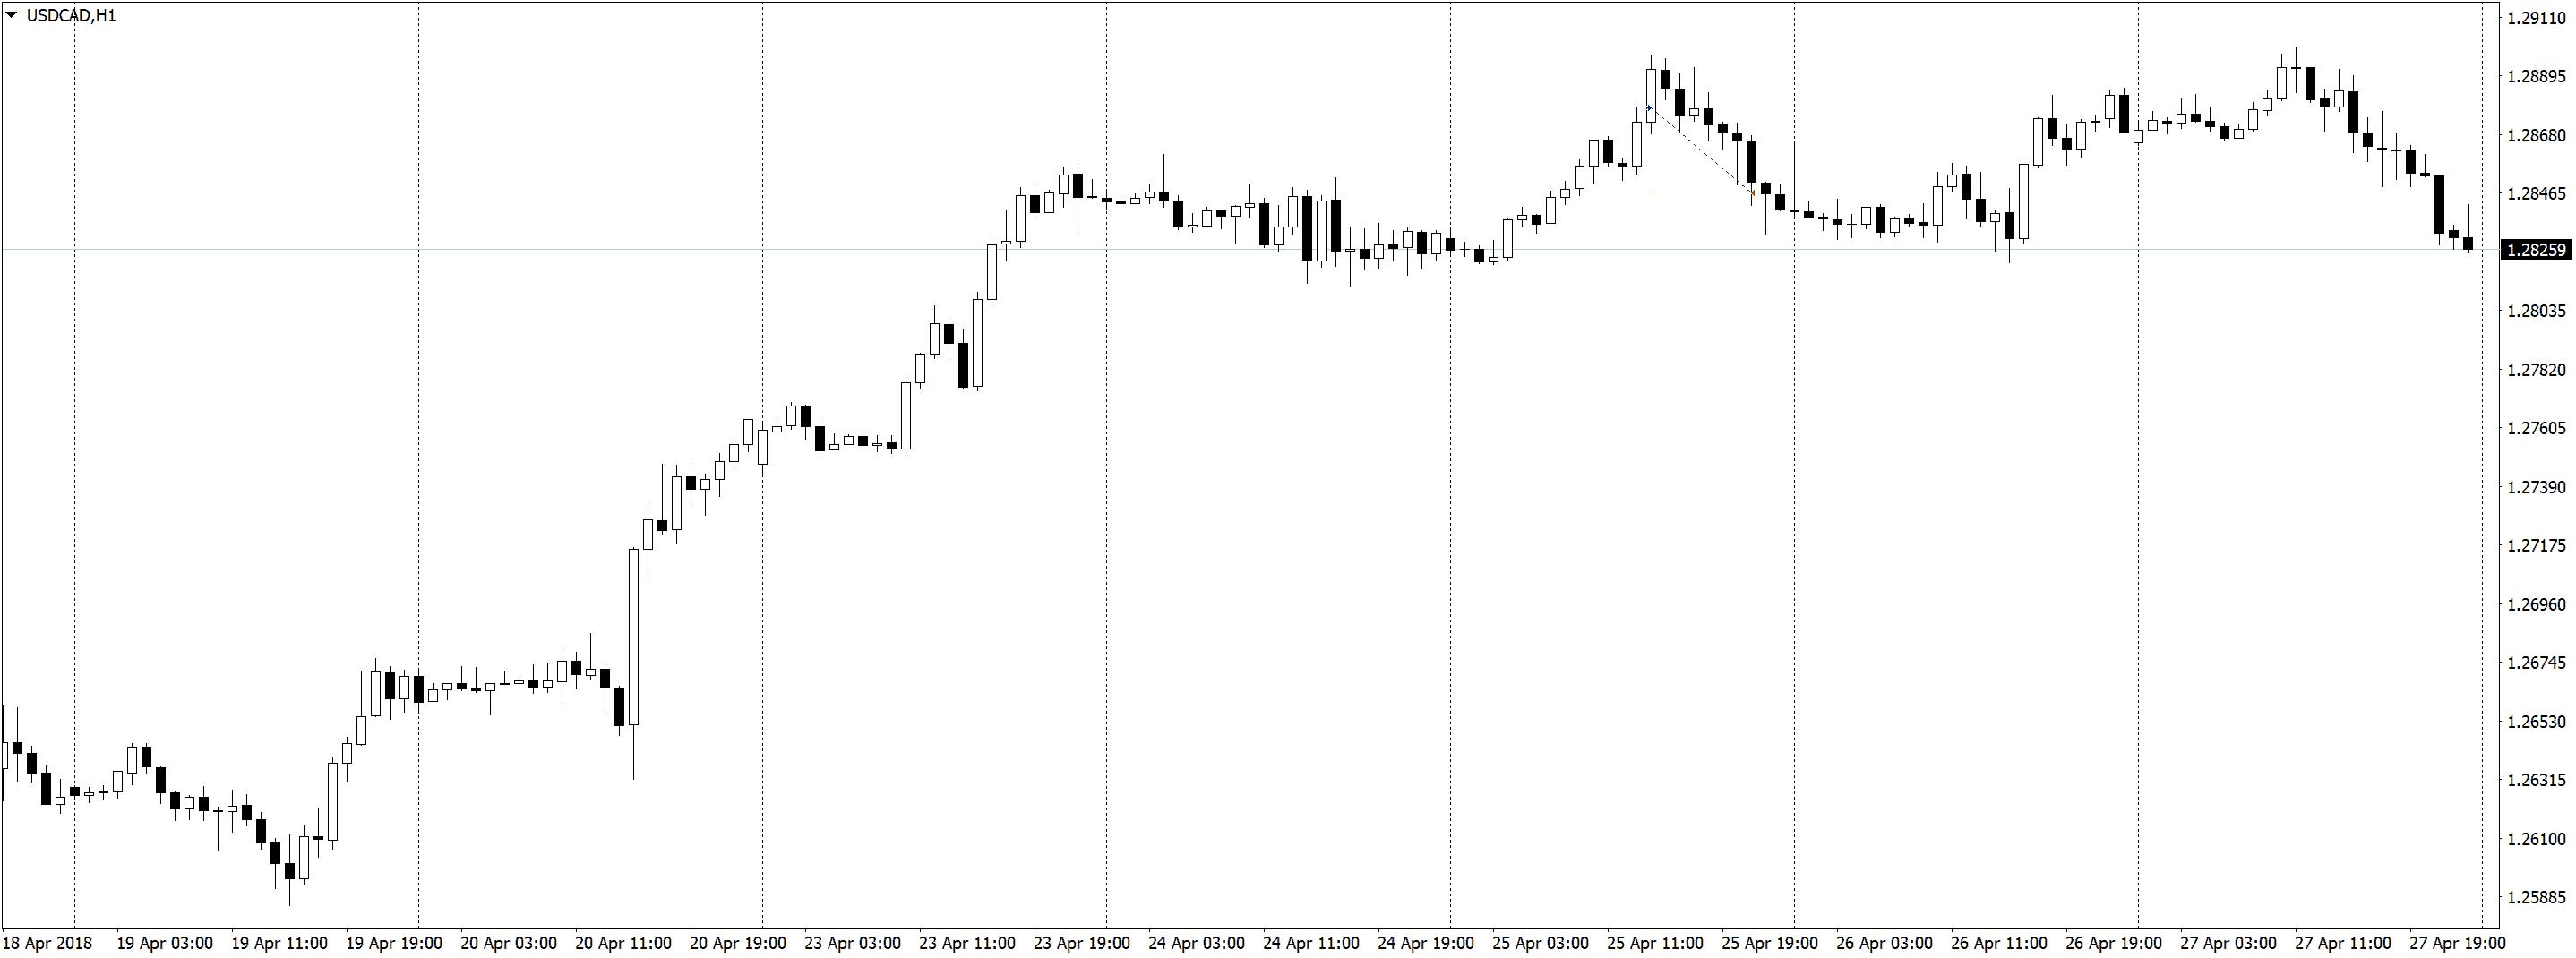 USDCADH1 Трейдинг по часовым графикам, немного сделок, спокойная торговля